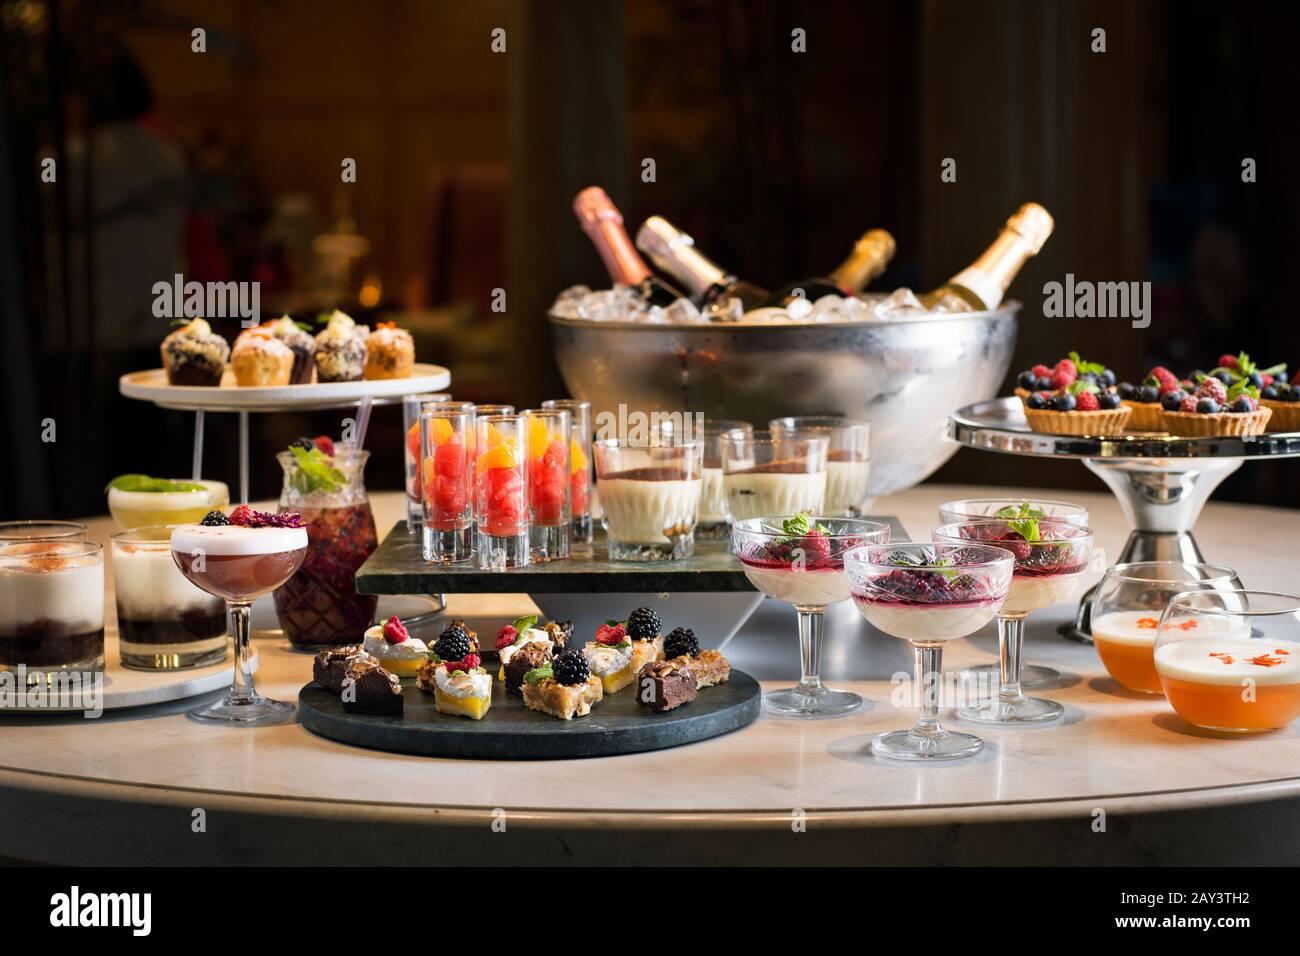 Comidas y bebidas en la mesa Foto de stock